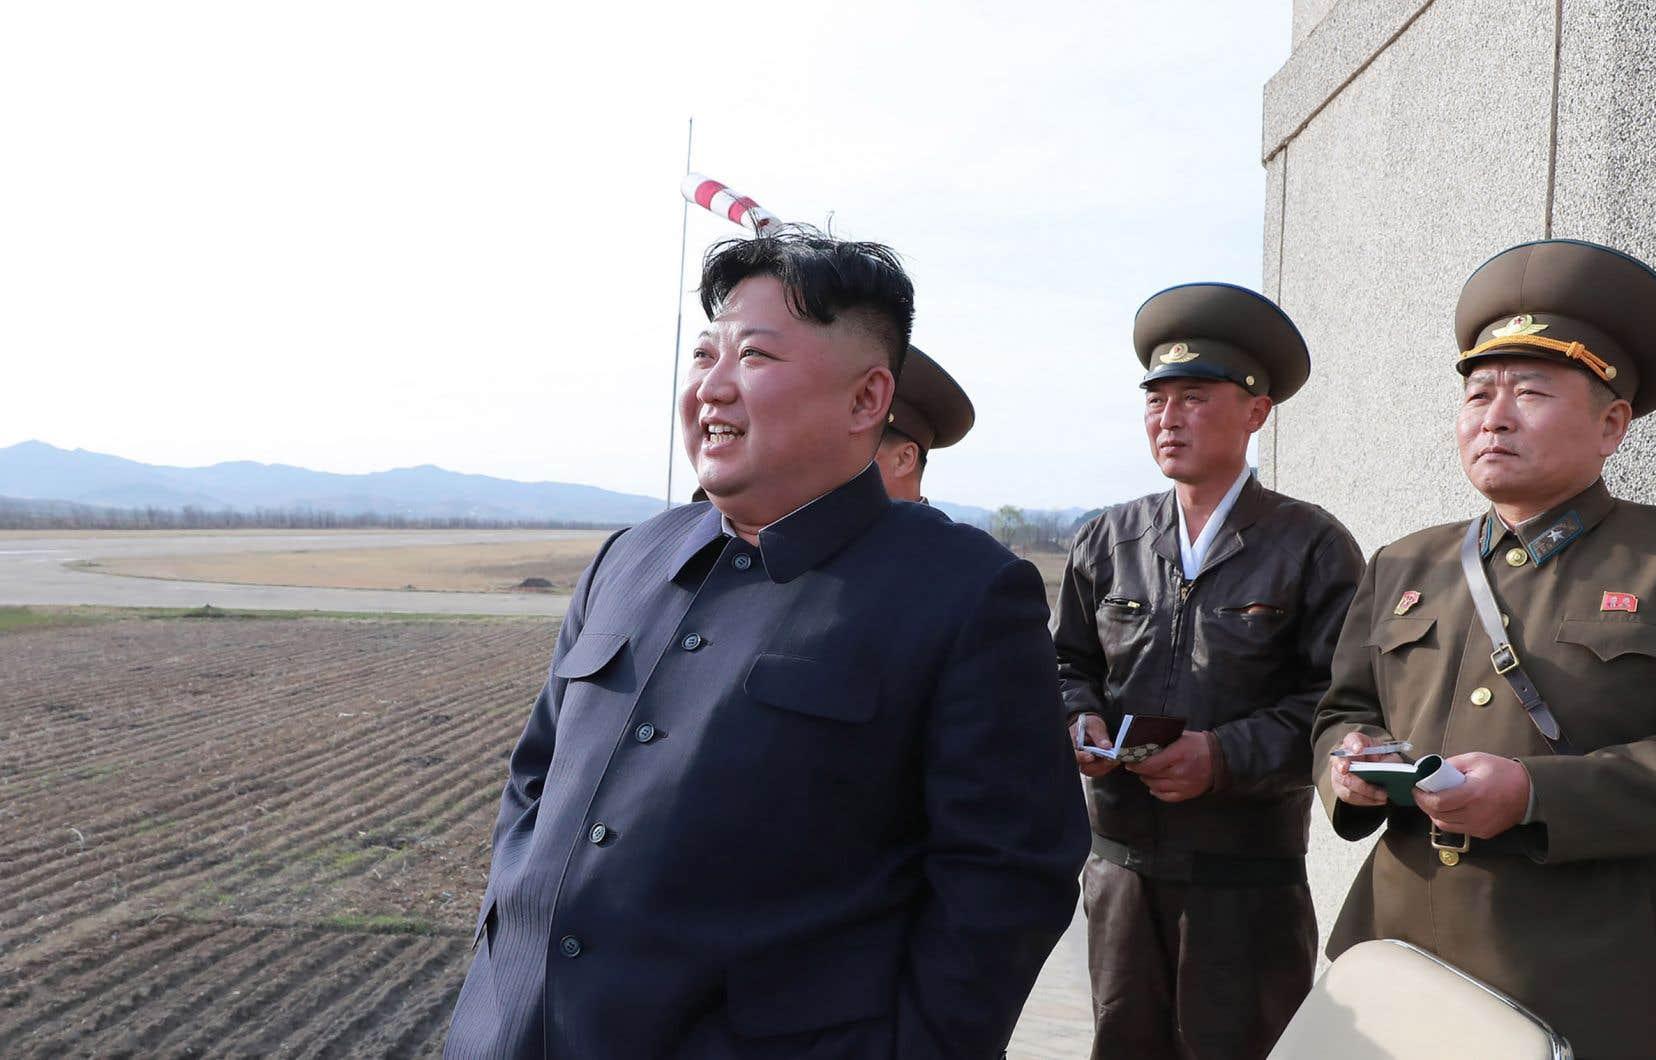 <p>Kim Jong-un a qualifié ce test d'«événement d'une très grande importance pour accroître la puissance de combat de l'Armée populaire» nord-coréenne, selon l'agence KCNA.</p>